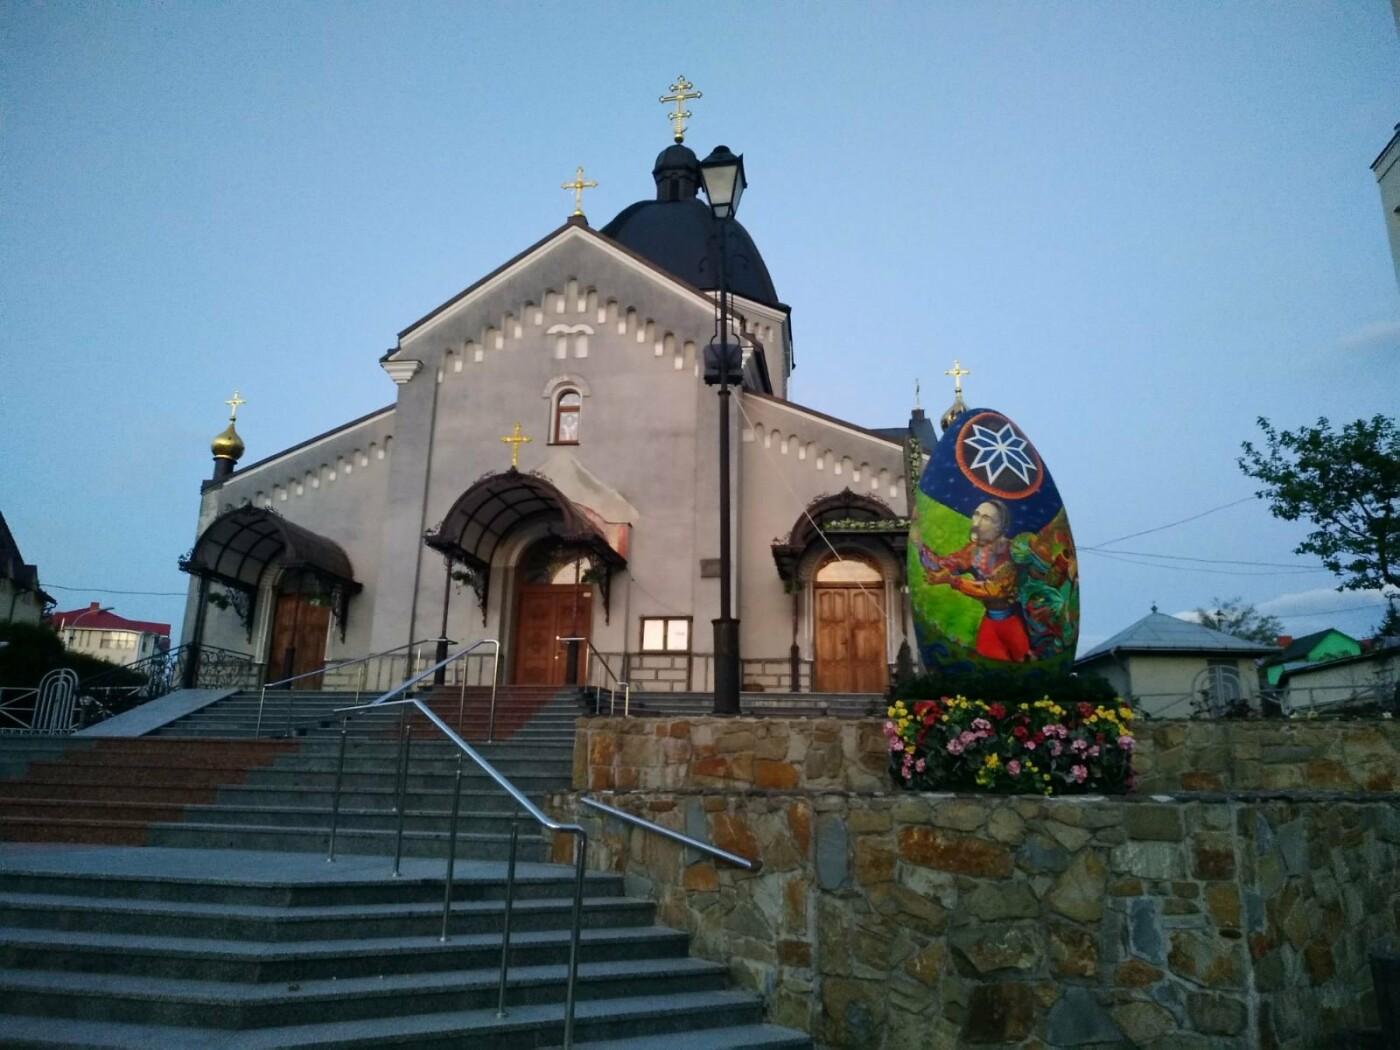 У Трускавці біля церкви встановили дивовижну писанку. Фото, фото-1, 03247.com.ua